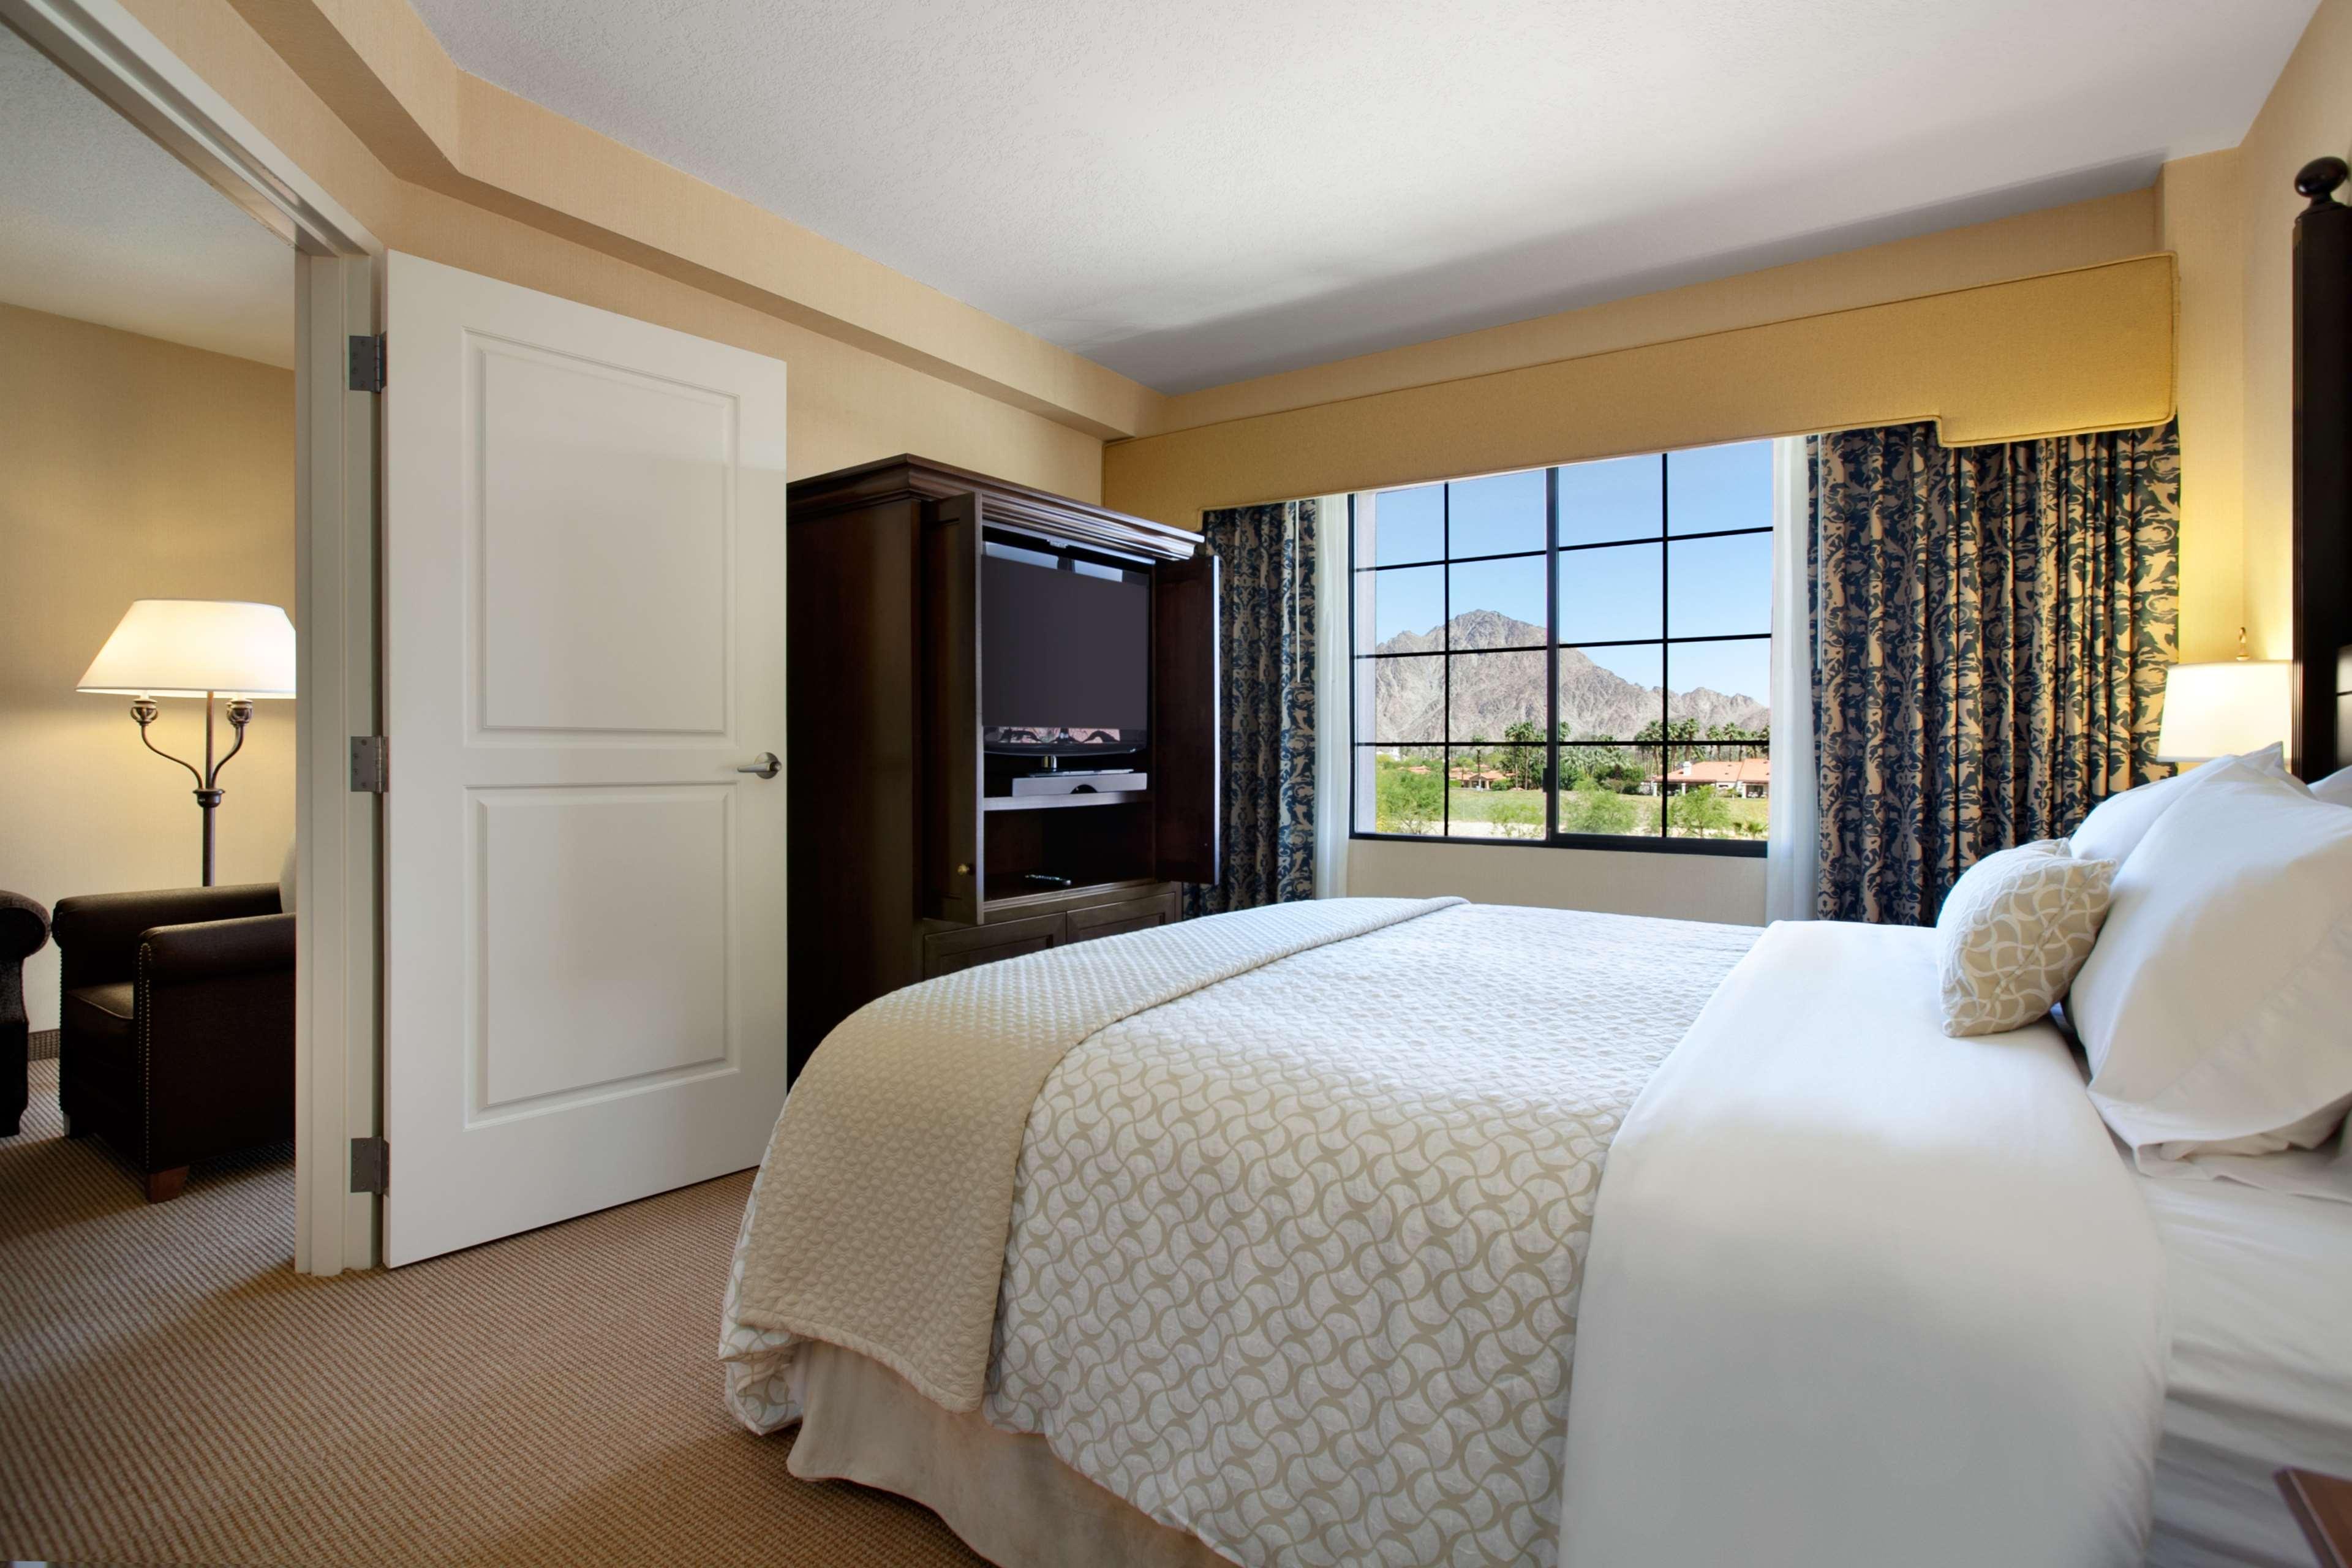 Embassy Suites by Hilton La Quinta Hotel & Spa image 25